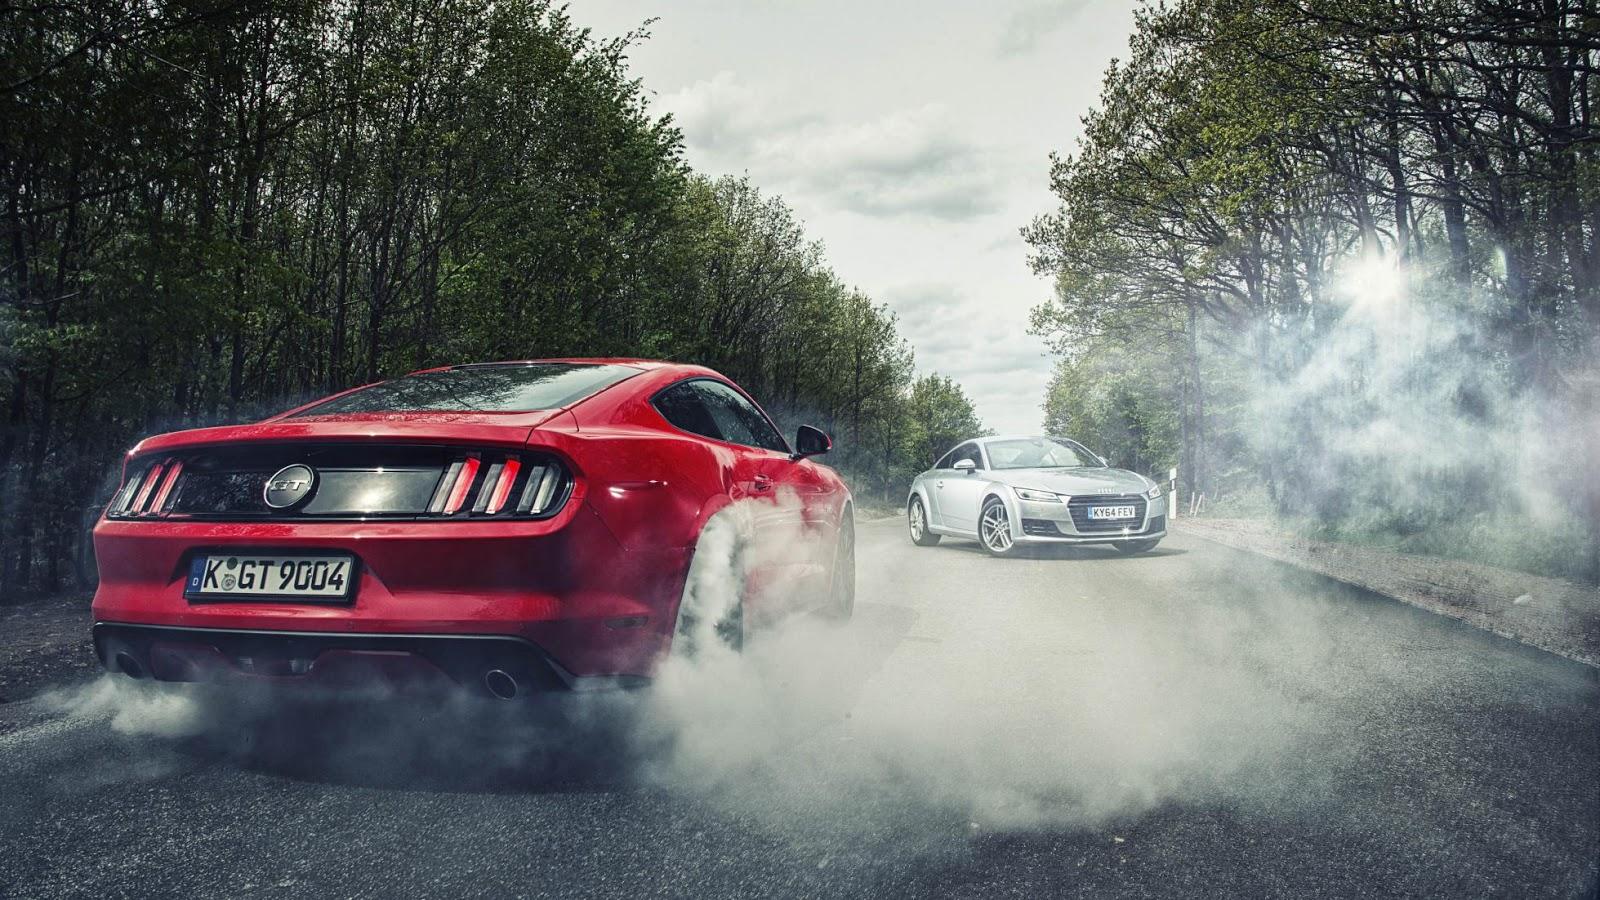 Ford Mustang là siêu xe huyền thoại, phổ biến nhất trên thế giới